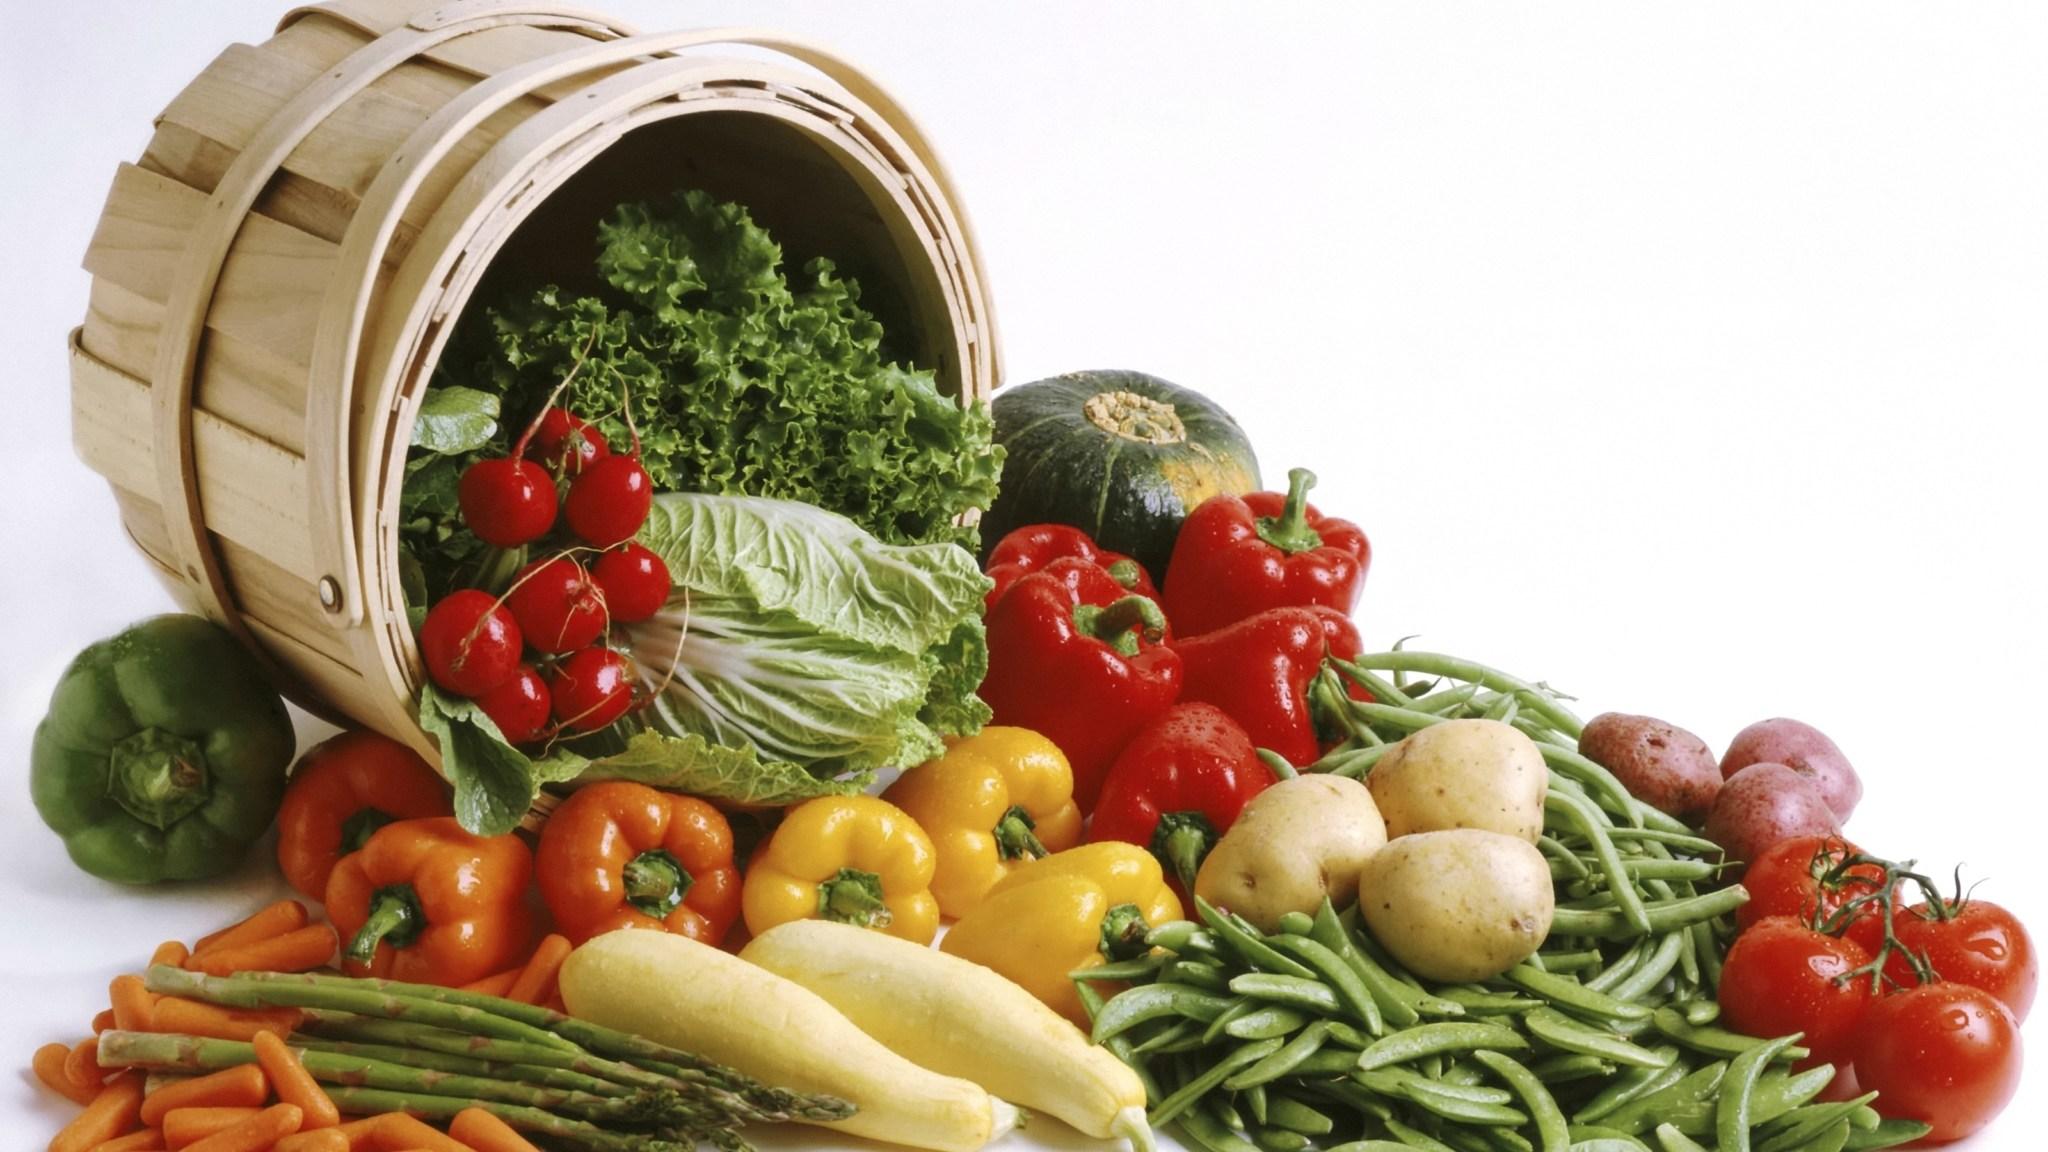 alimente pentru a spori vederea miopie de ocluzie